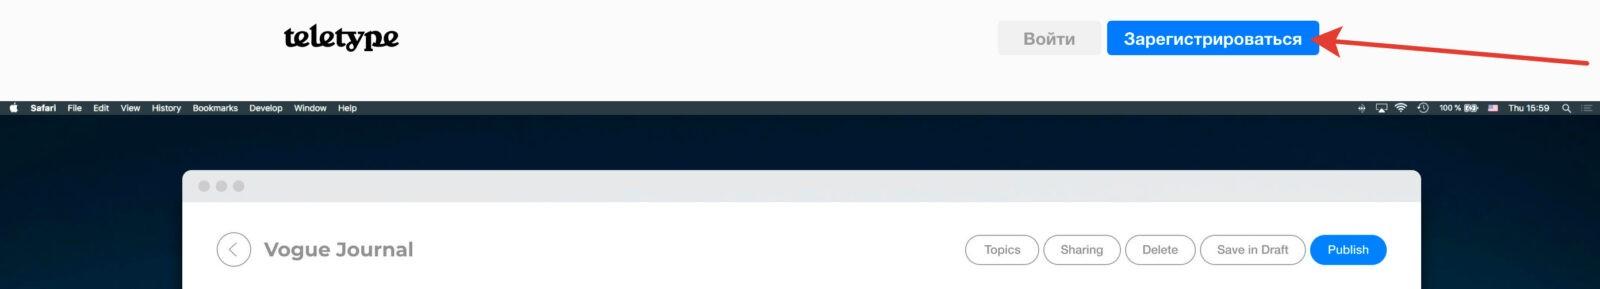 2019 09 04 11 28 50 - Как написать статью в Teletype